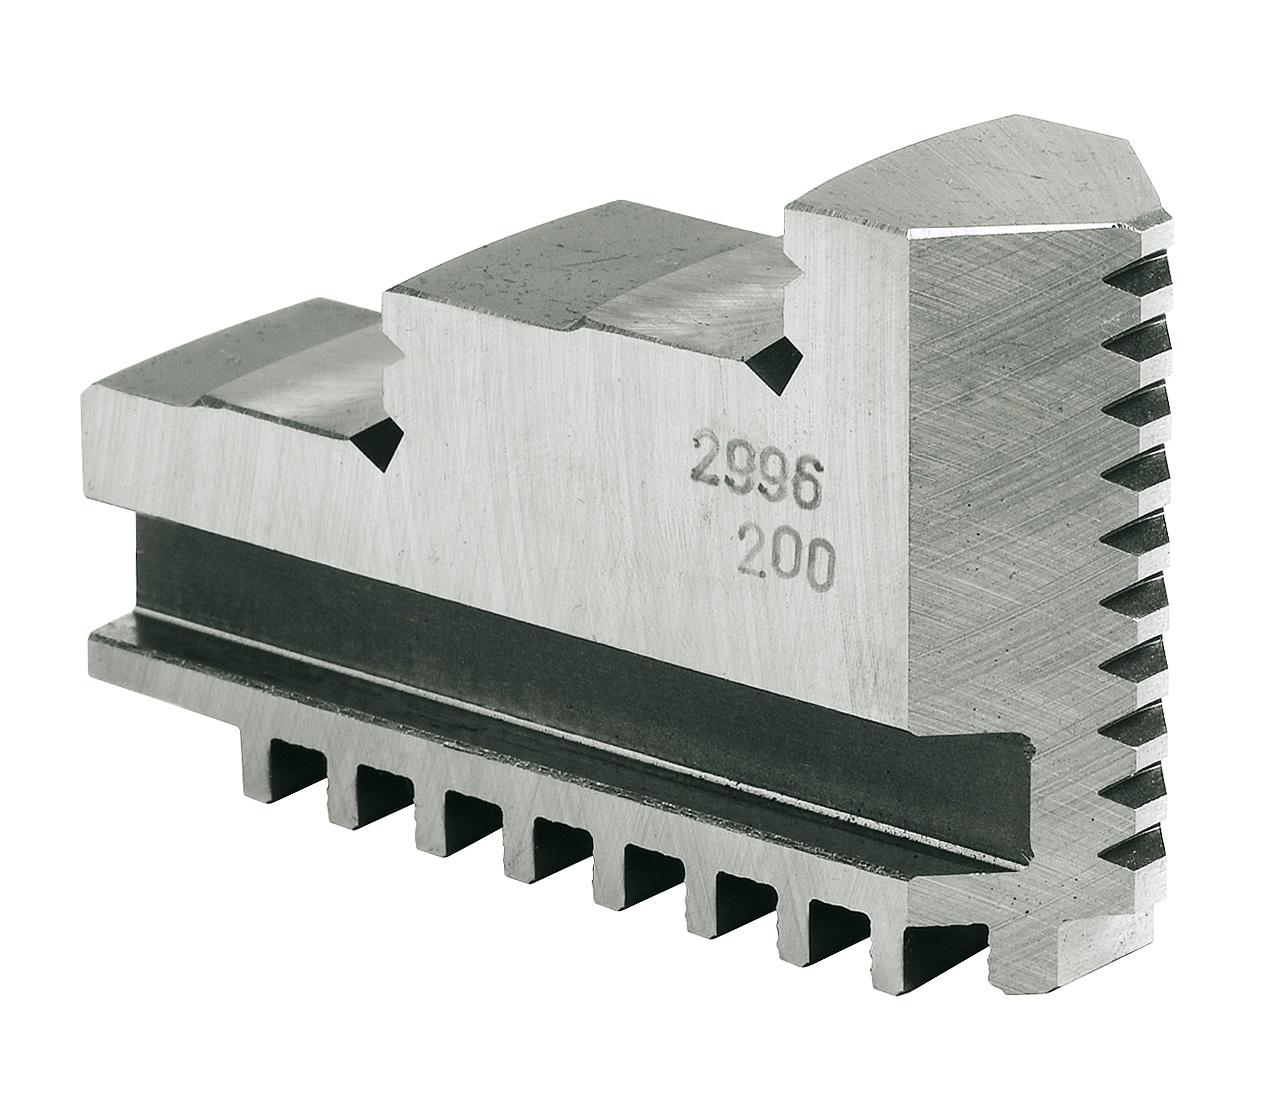 Szczęki jednolite twarde zewnętrzne - komplet DOJ-DK12-160 BERNARDO